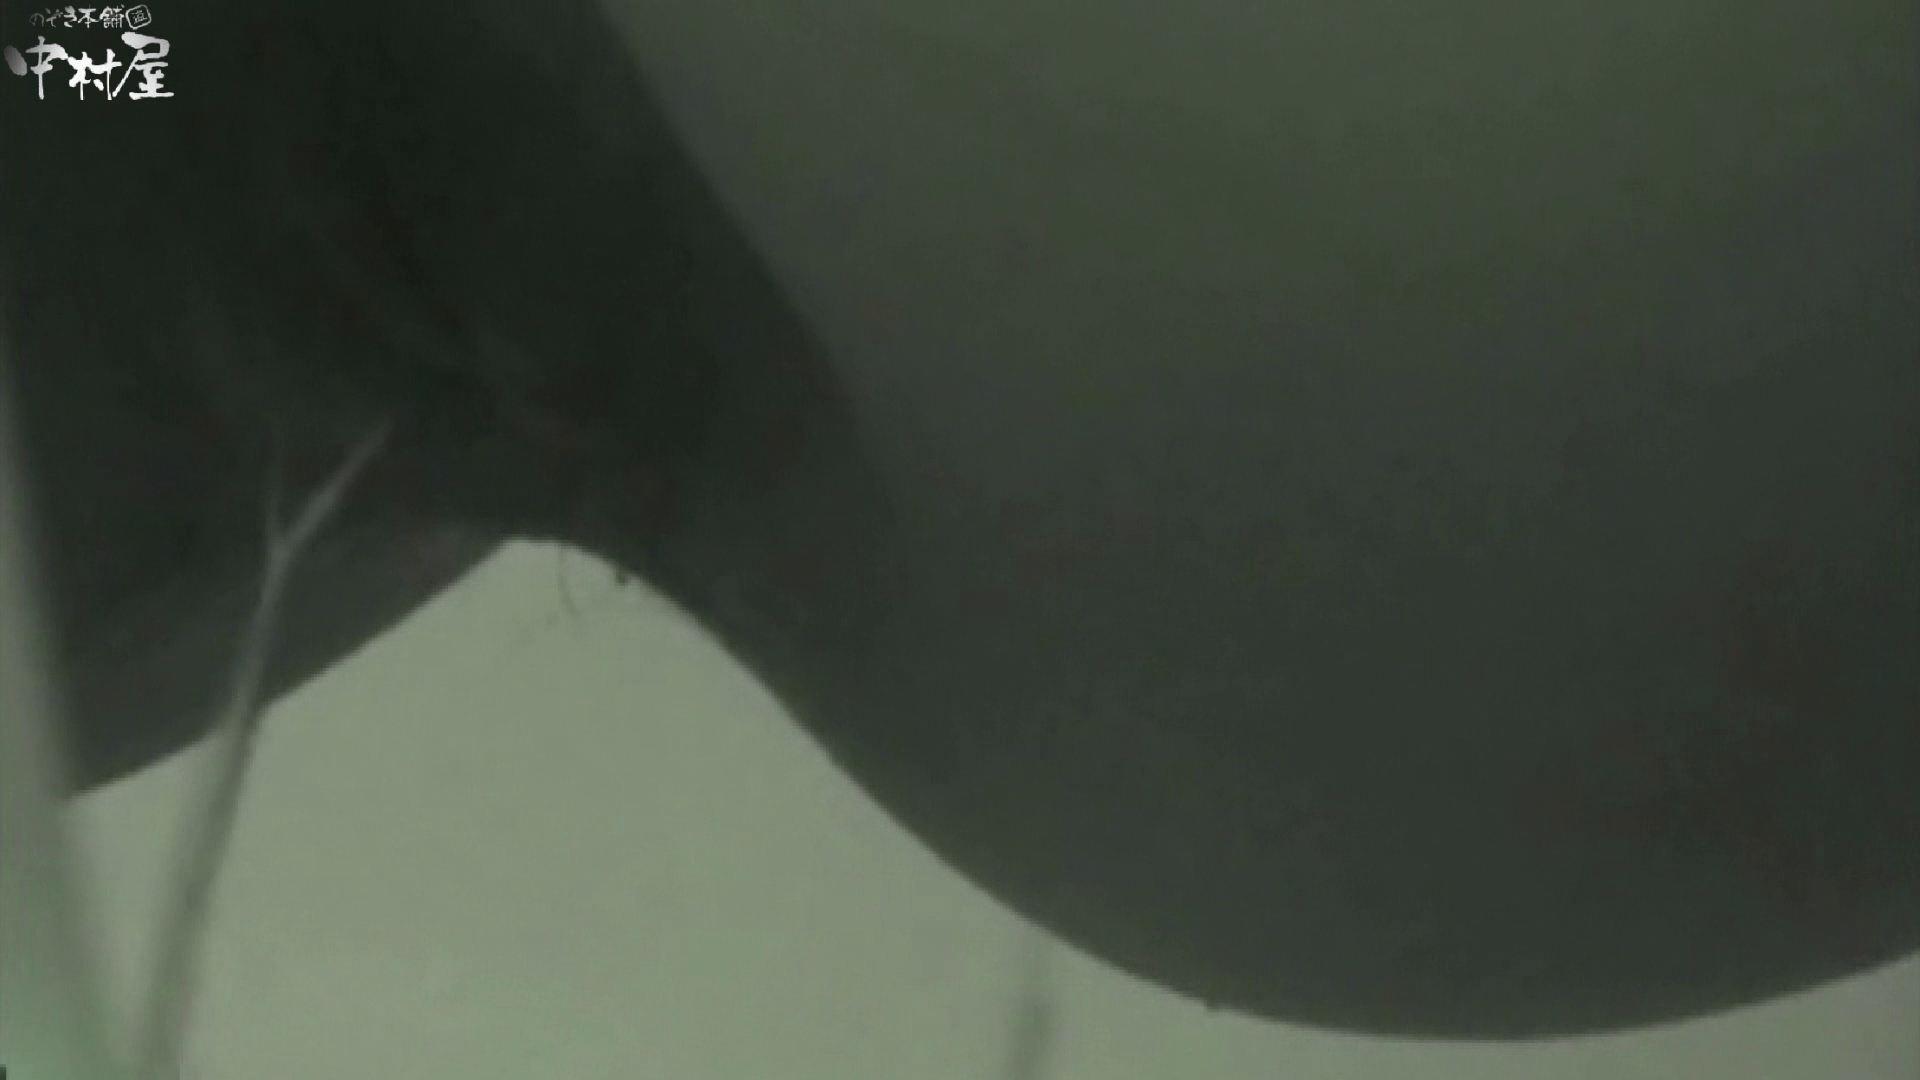 解禁!海の家4カメ洗面所vol.14 OLのエロ生活 おめこ無修正動画無料 59連発 38